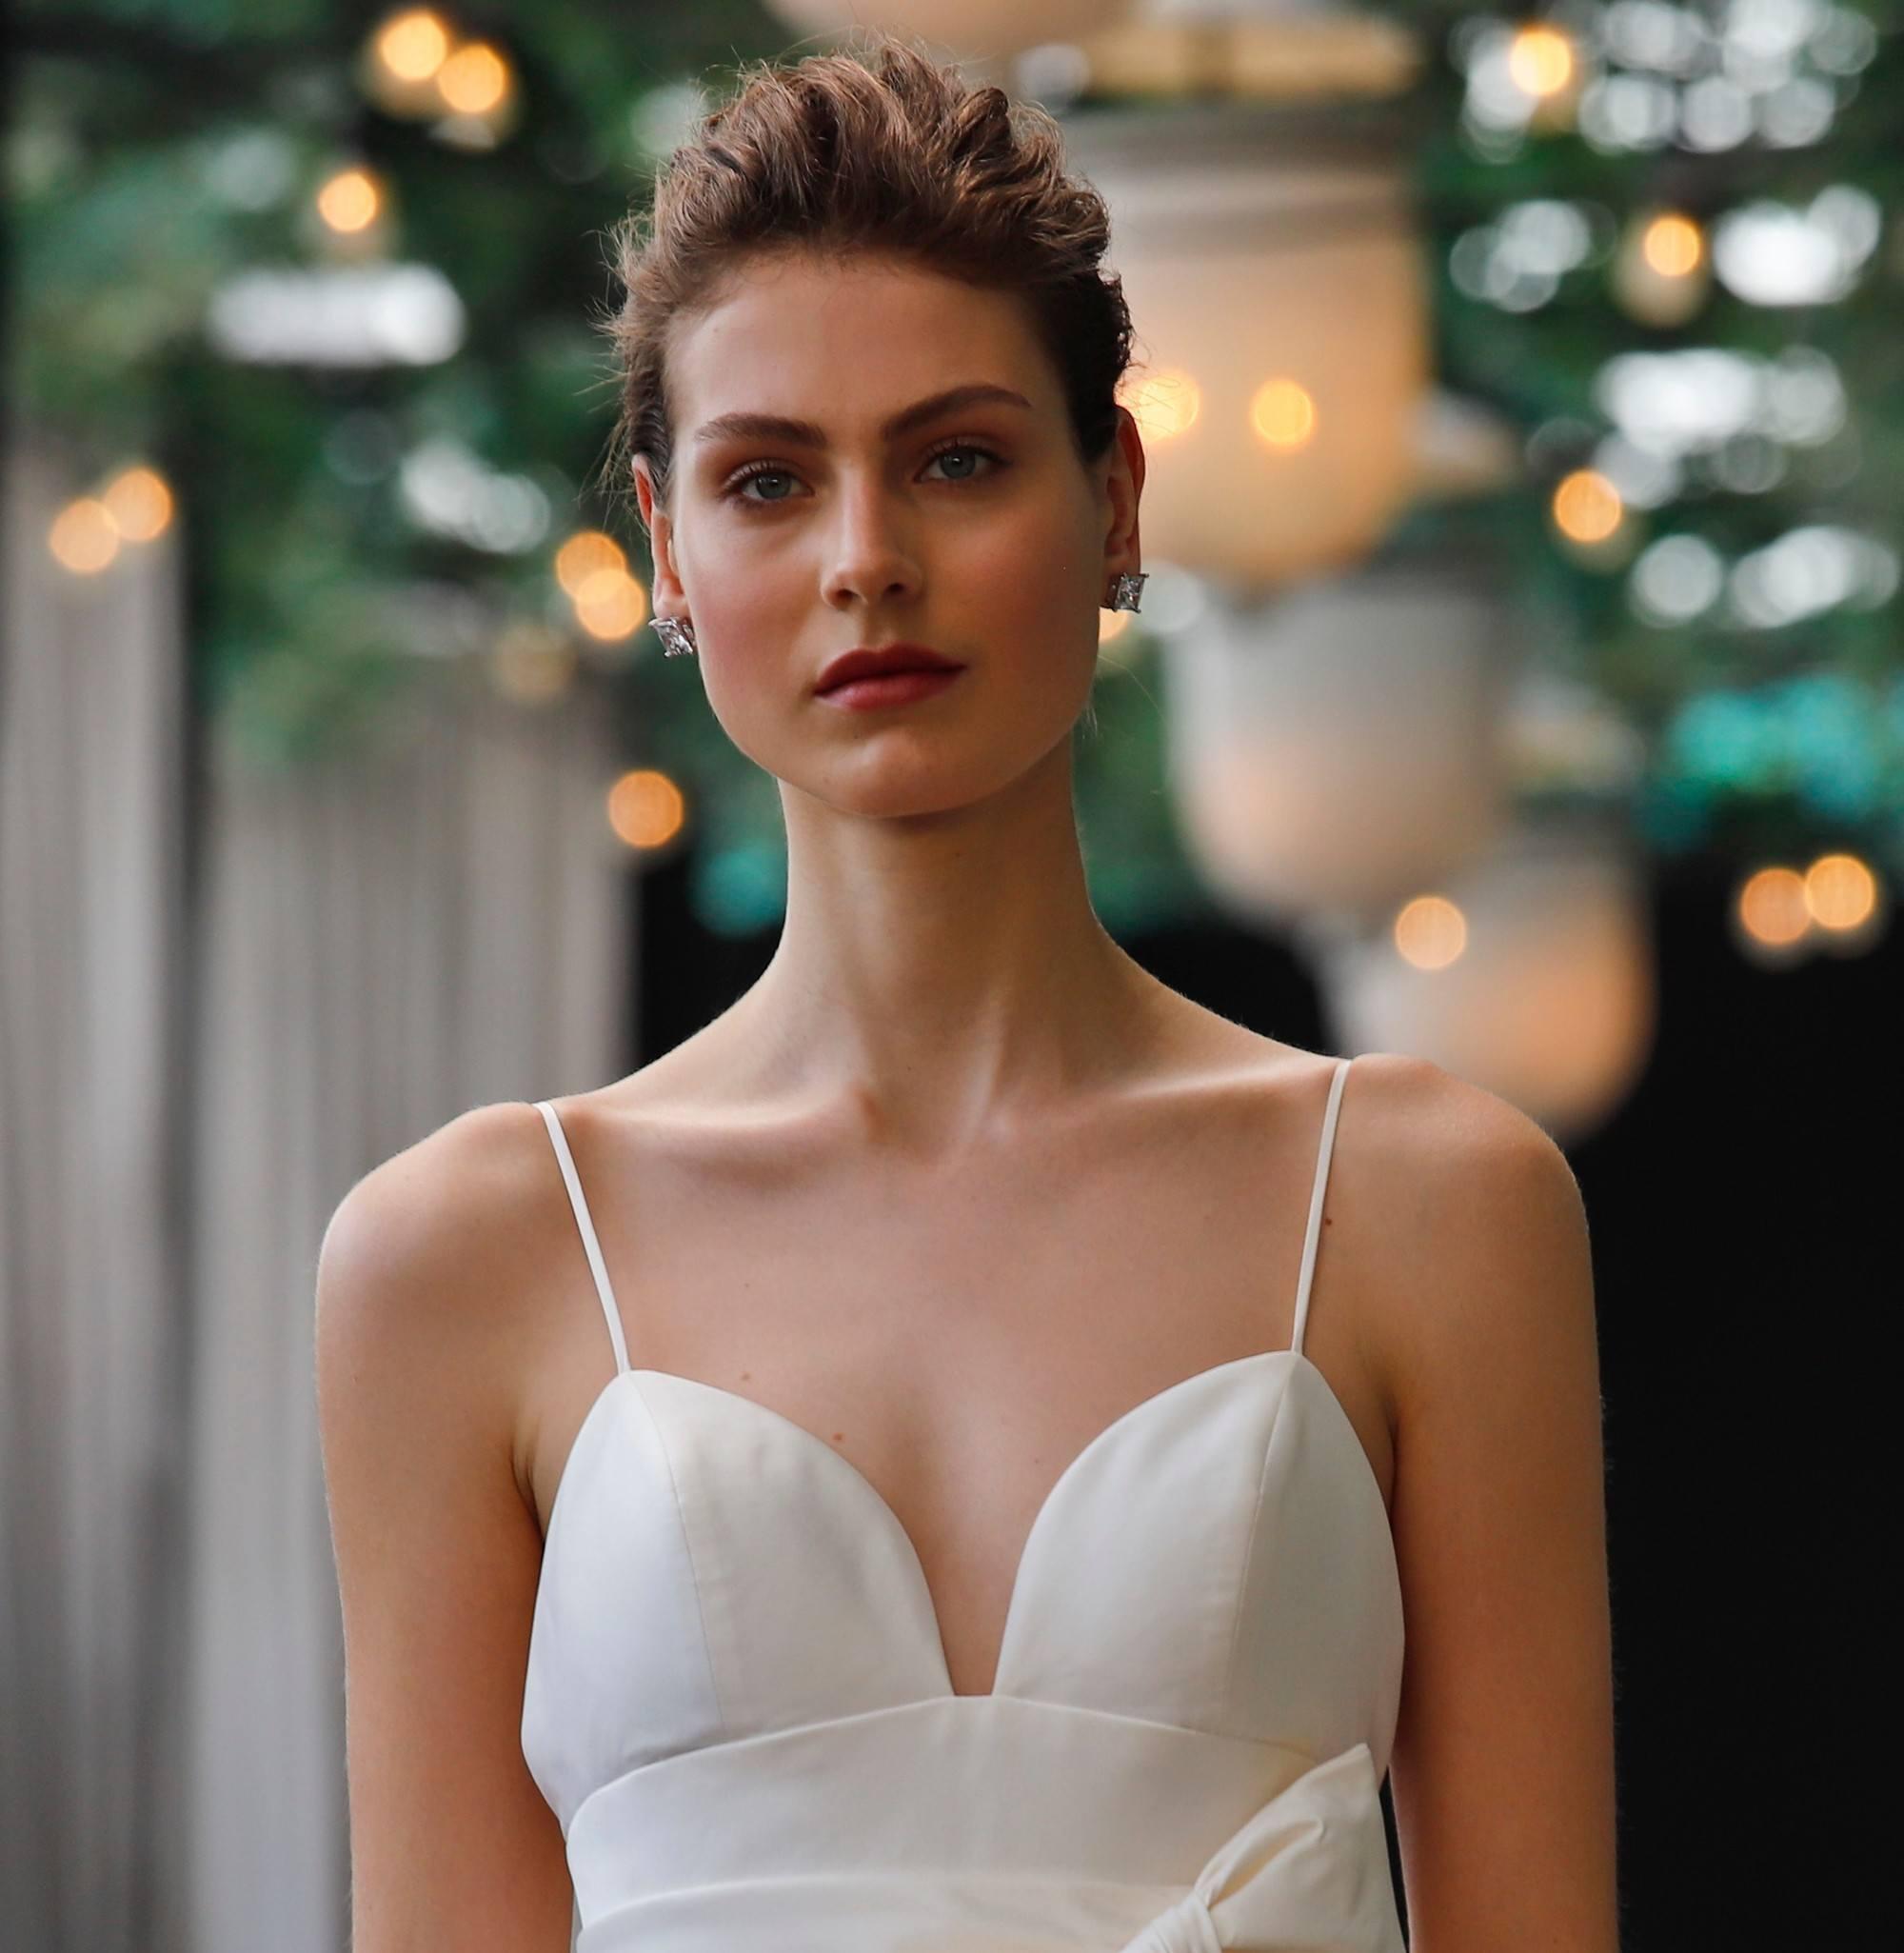 Prise de vue d'un mannequin sur un podium de mariage avec des cheveux courts coiffés en un quiff ébouriffé, balayé vers l'arrière, habillé tout en blanc.